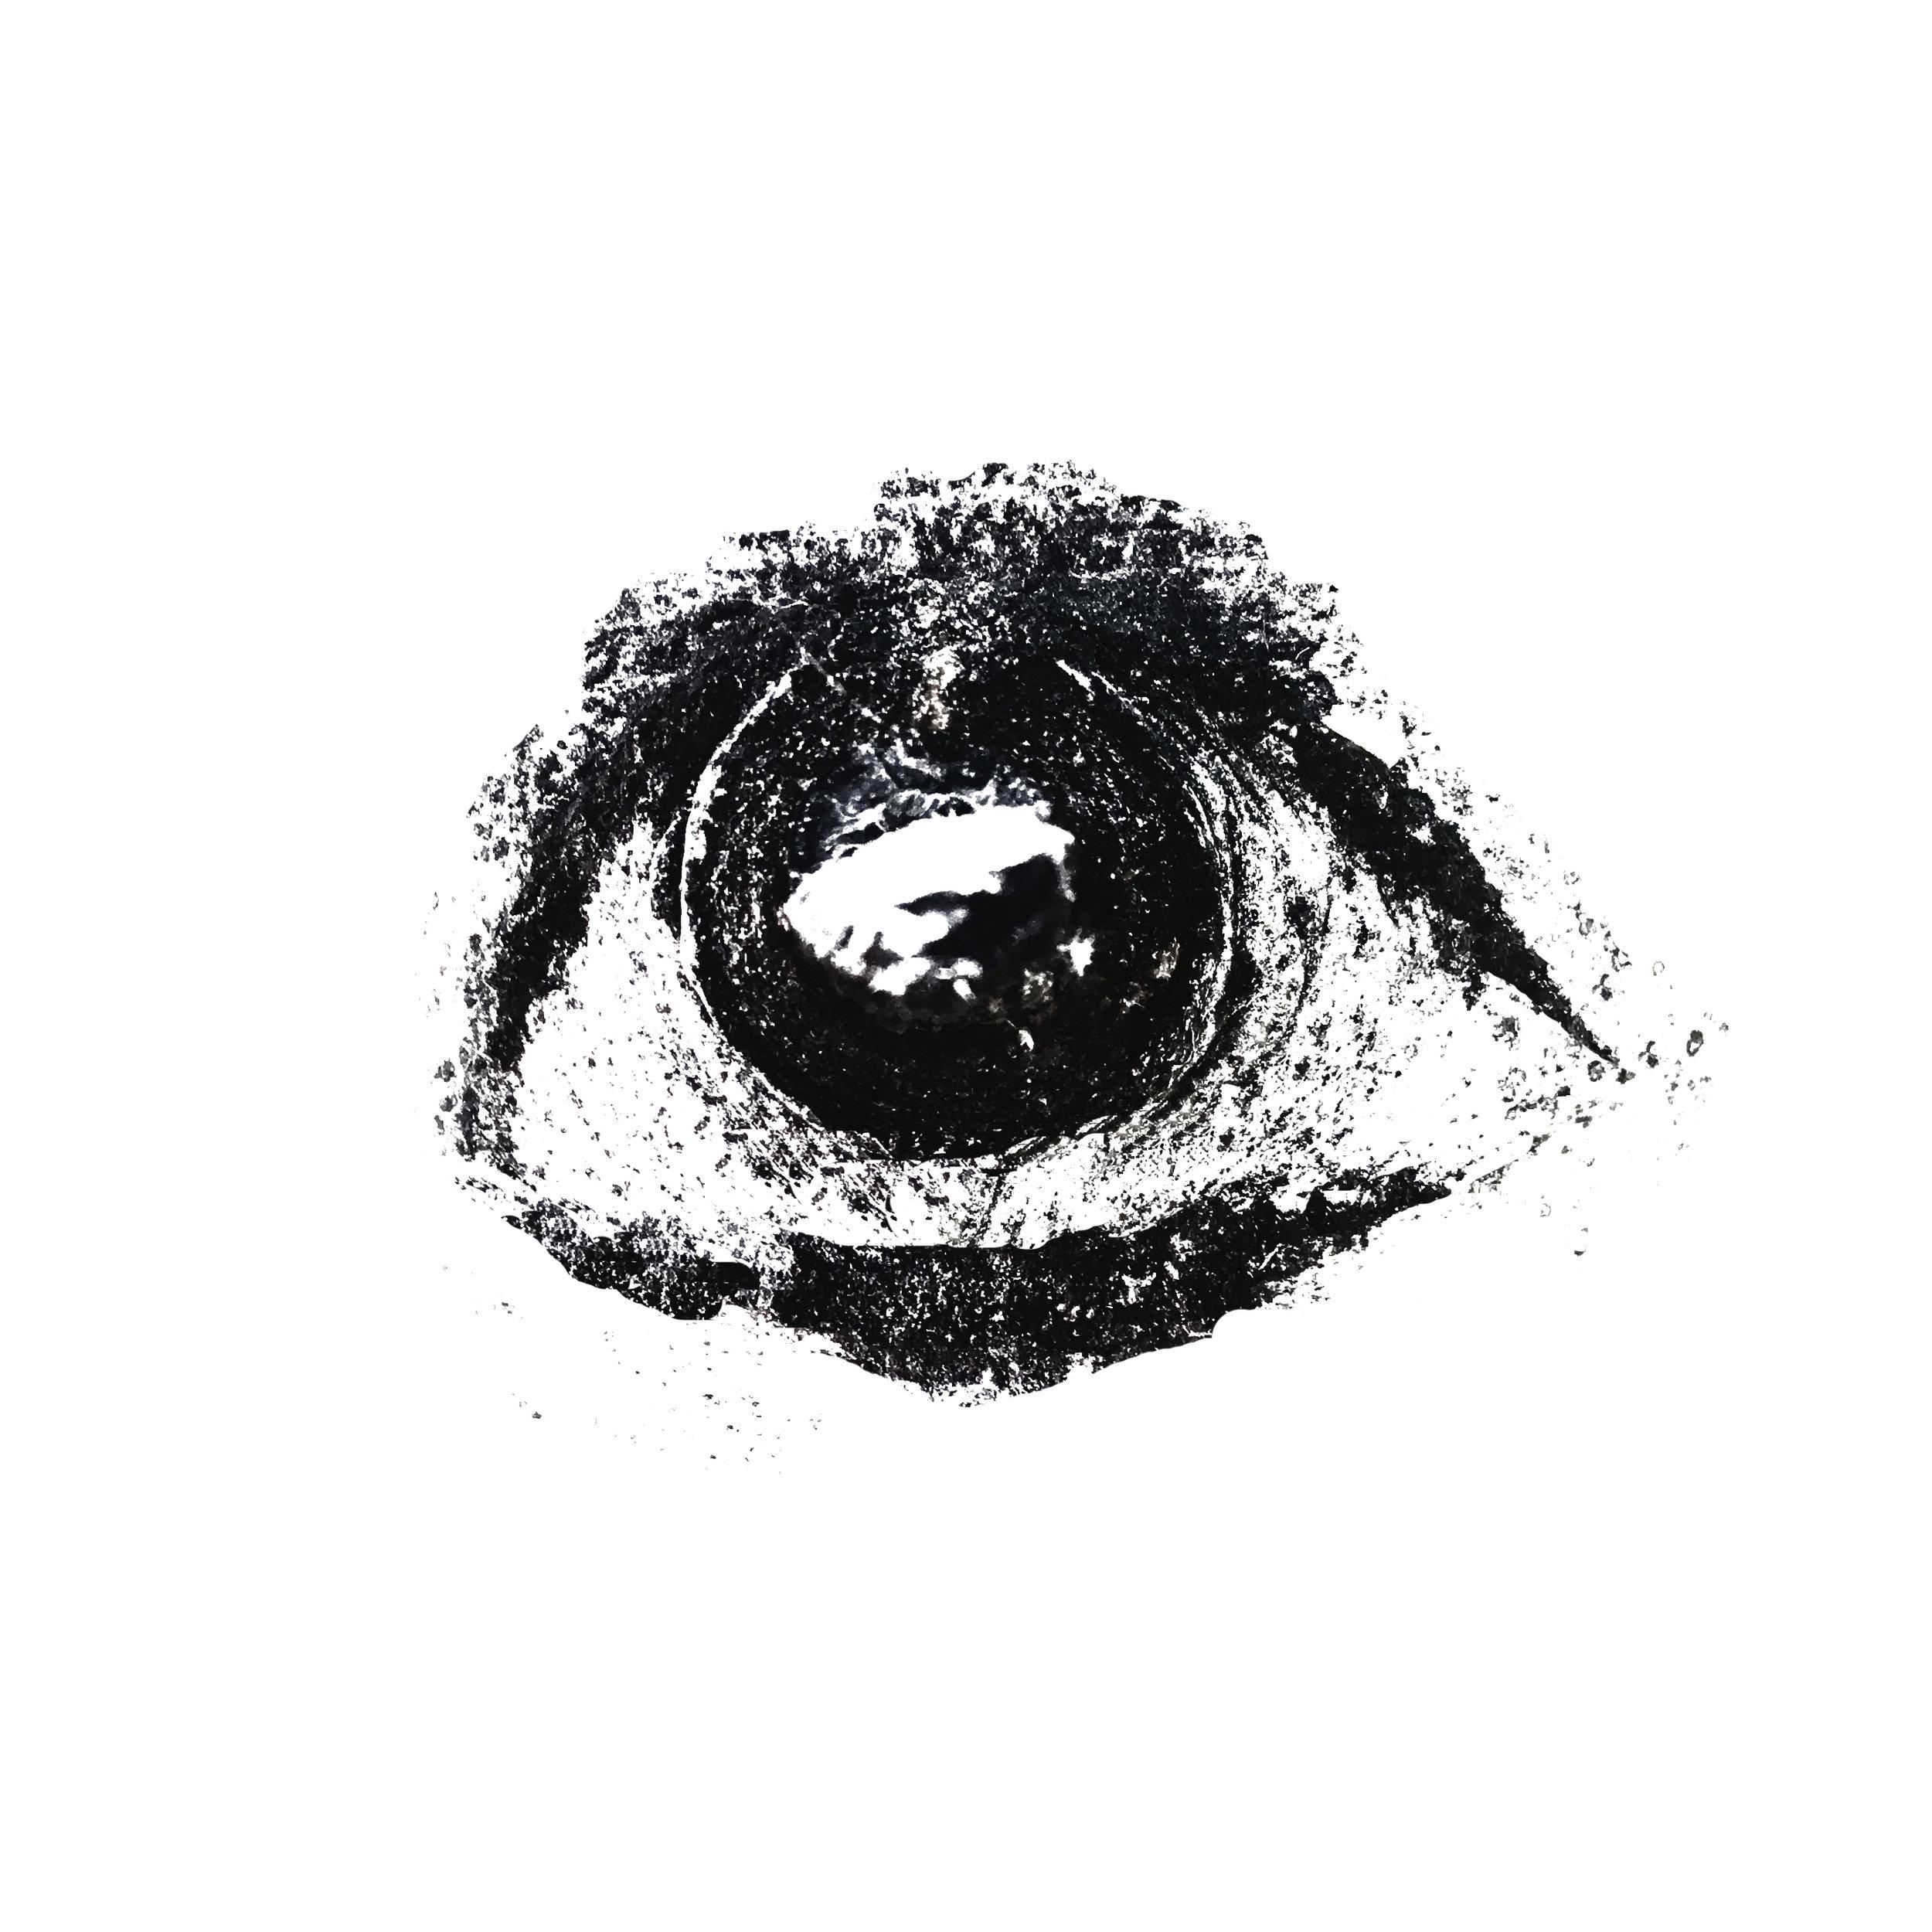 EyeballSummer.jpg